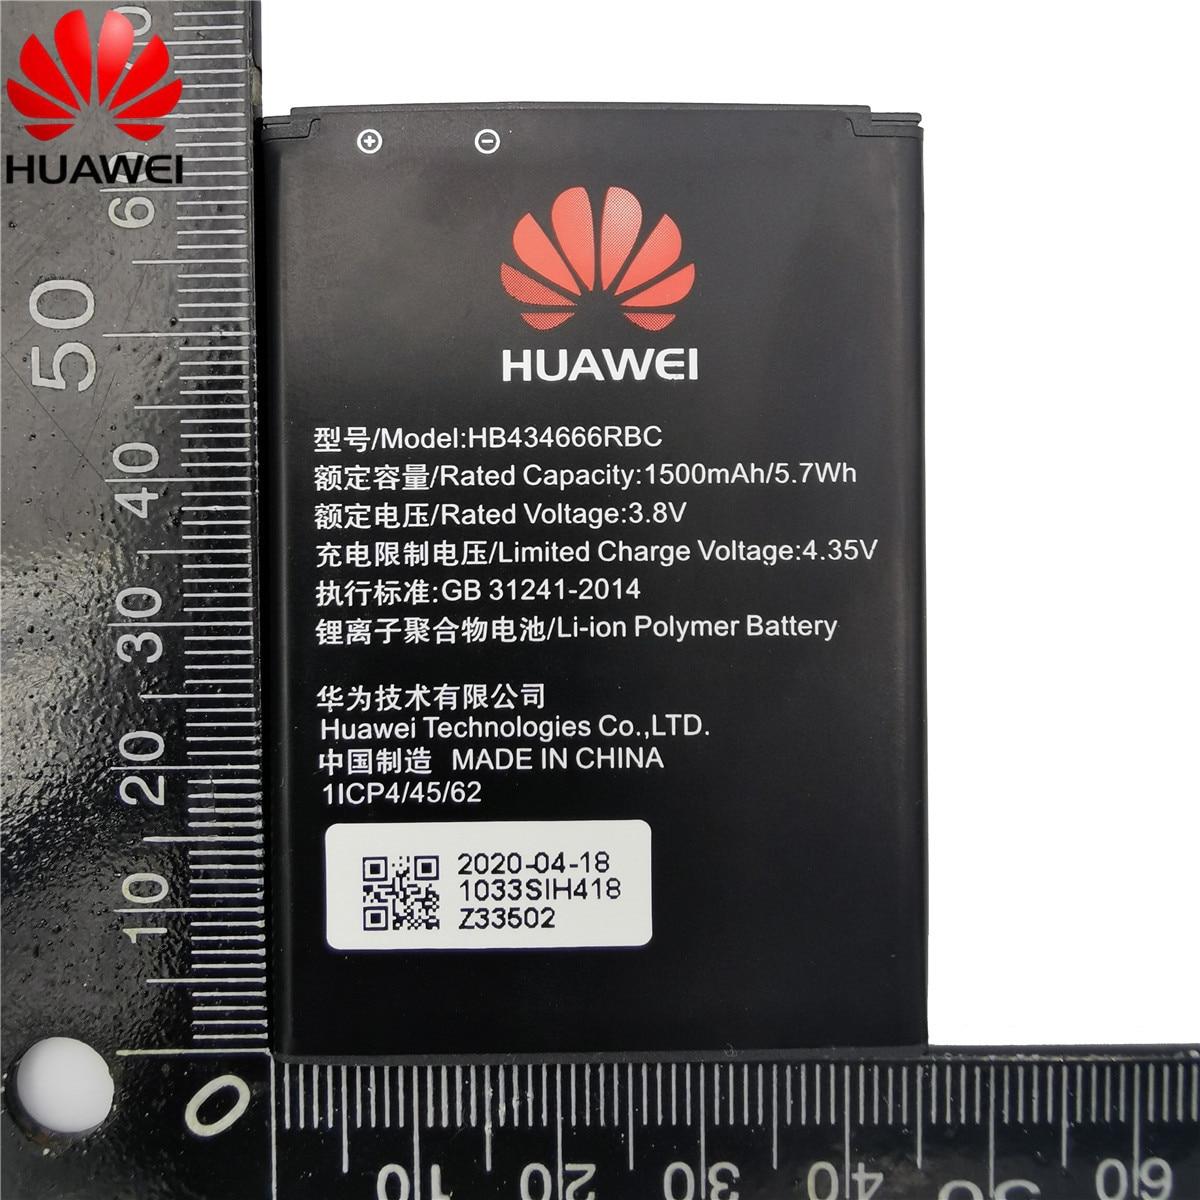 100% Original Battery HB434666RBC For Huawei Router E5573 E5573S E5573s-32 E5573s-320 E5573s-606 -806 High Capacity 1500mAh 6